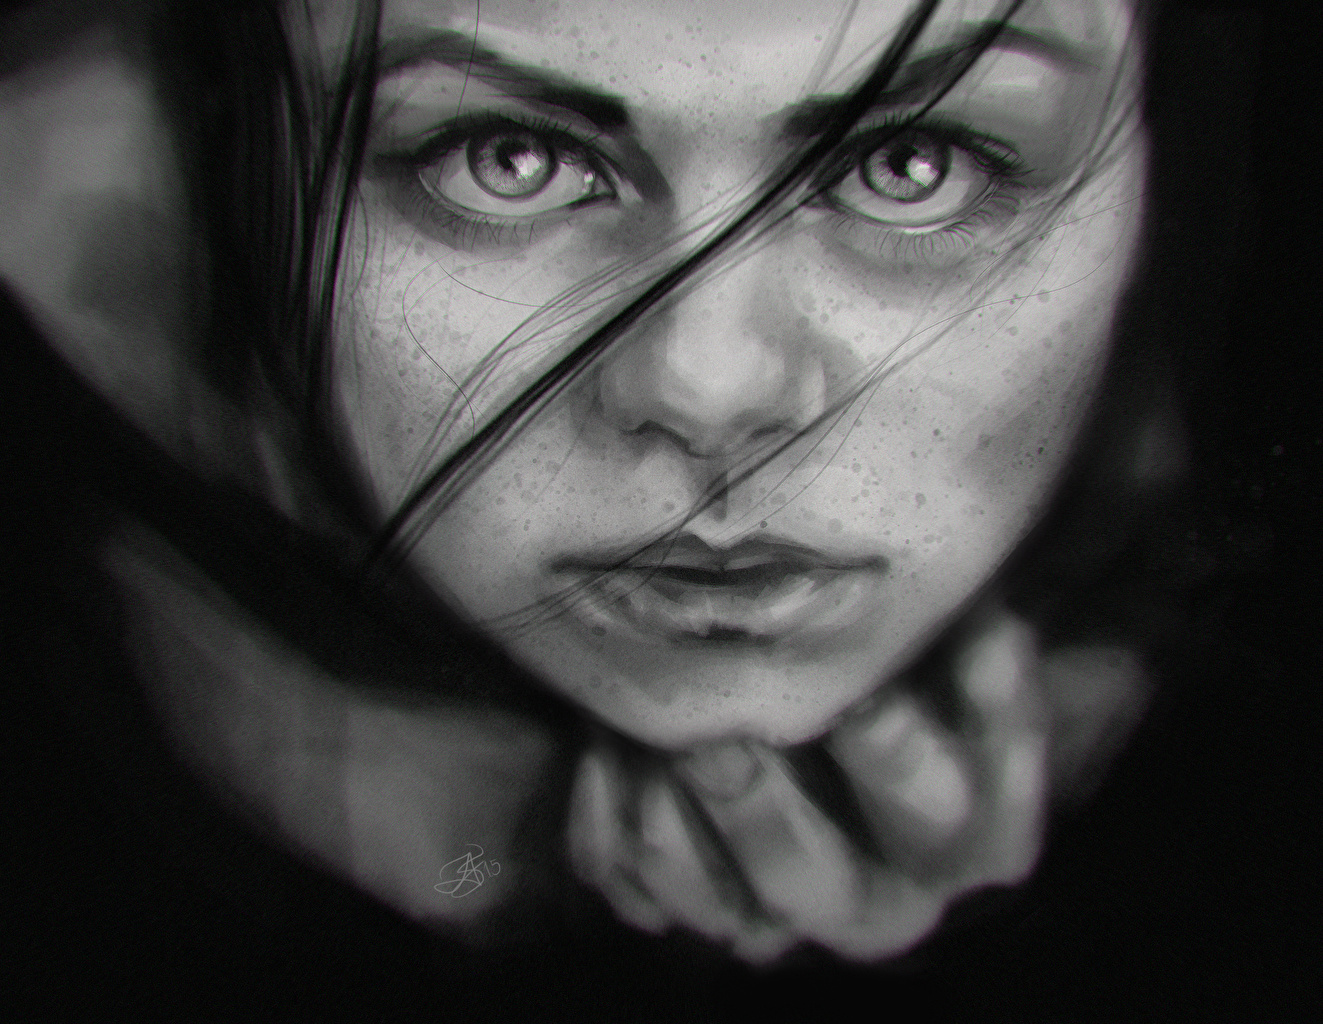 壁紙 クローズアップ 凝視 白黒 顔 少女 ダウンロード 写真